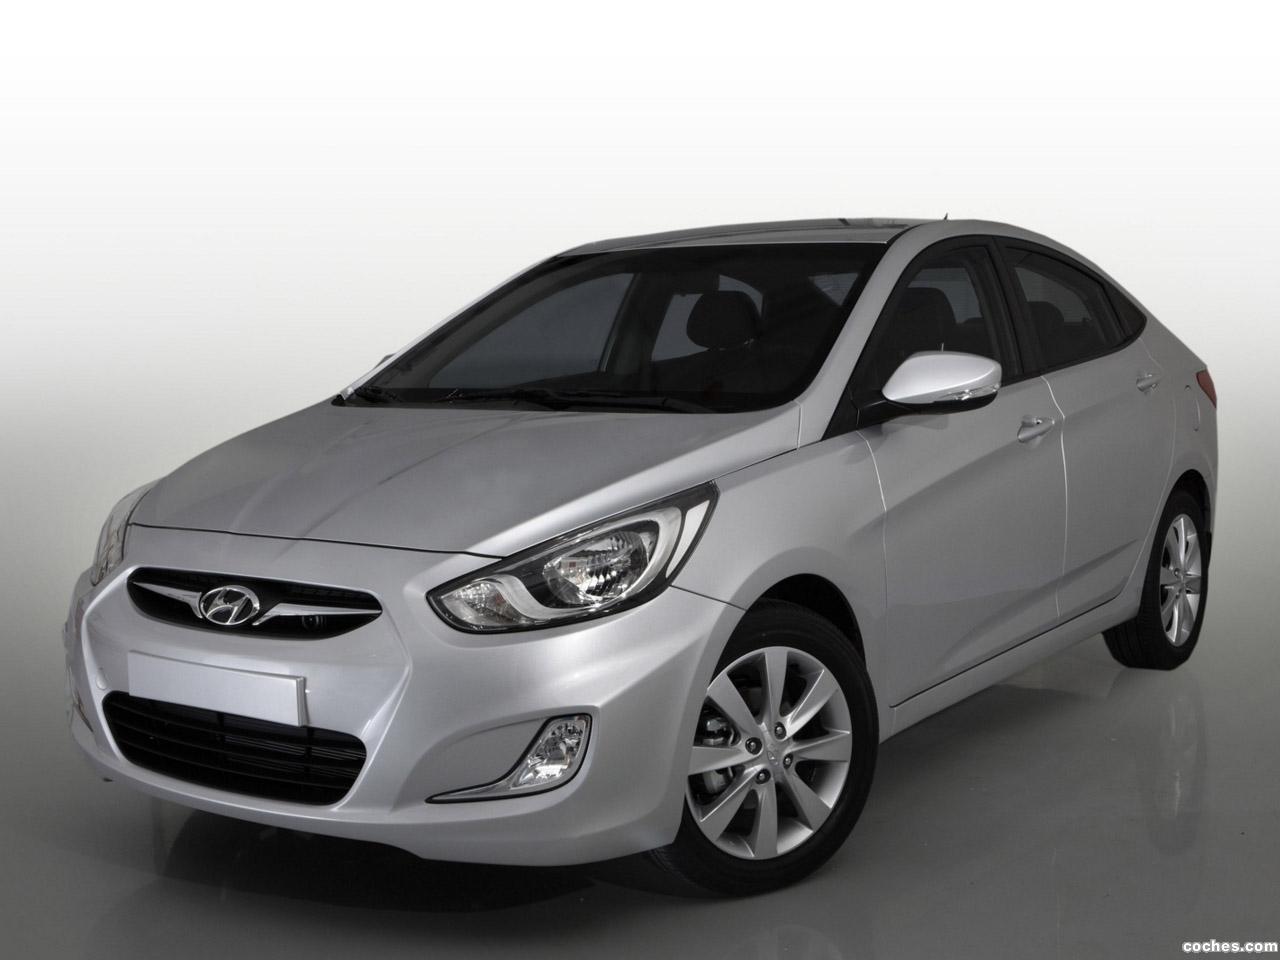 Foto 0 de Hyundai Solaris 2010